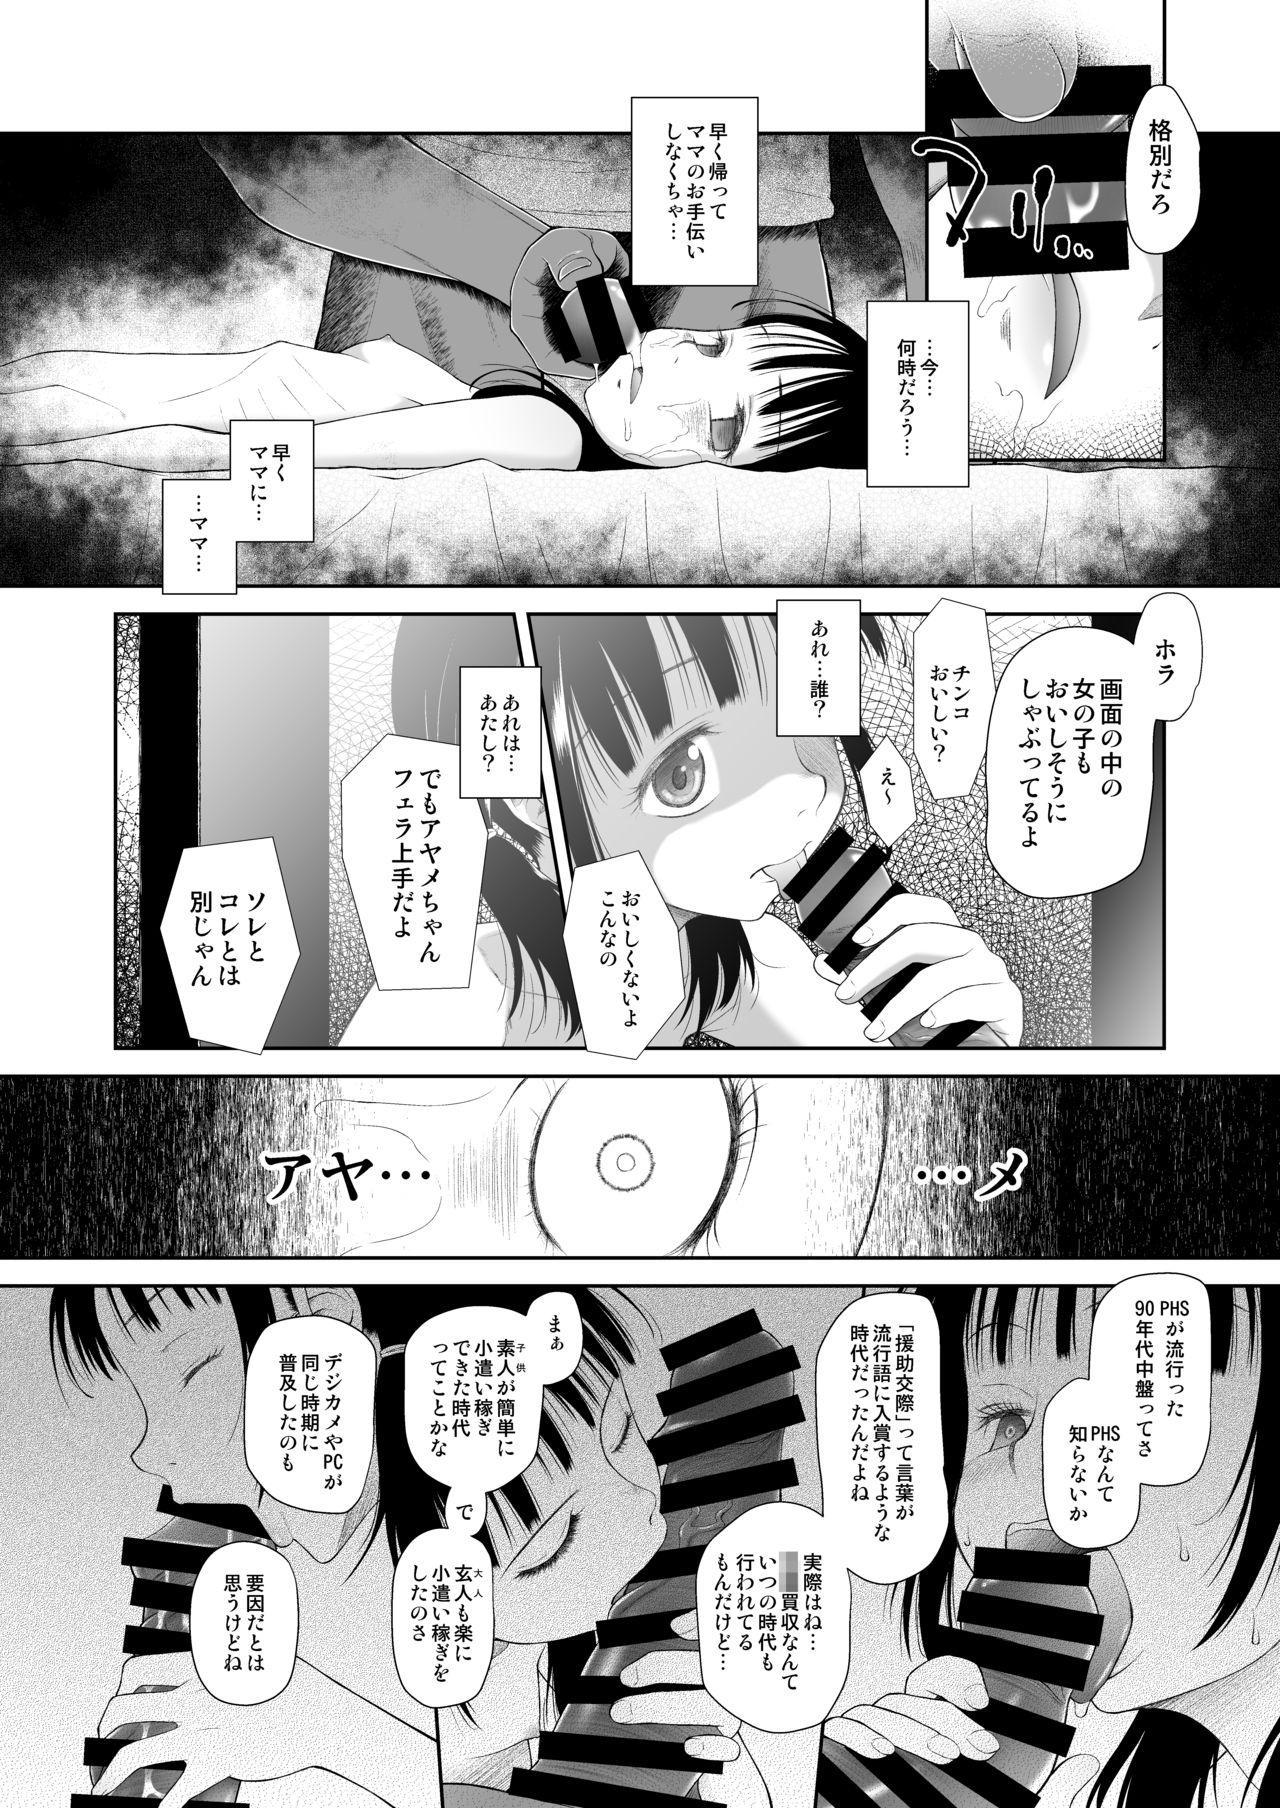 Shojo Kushige 18